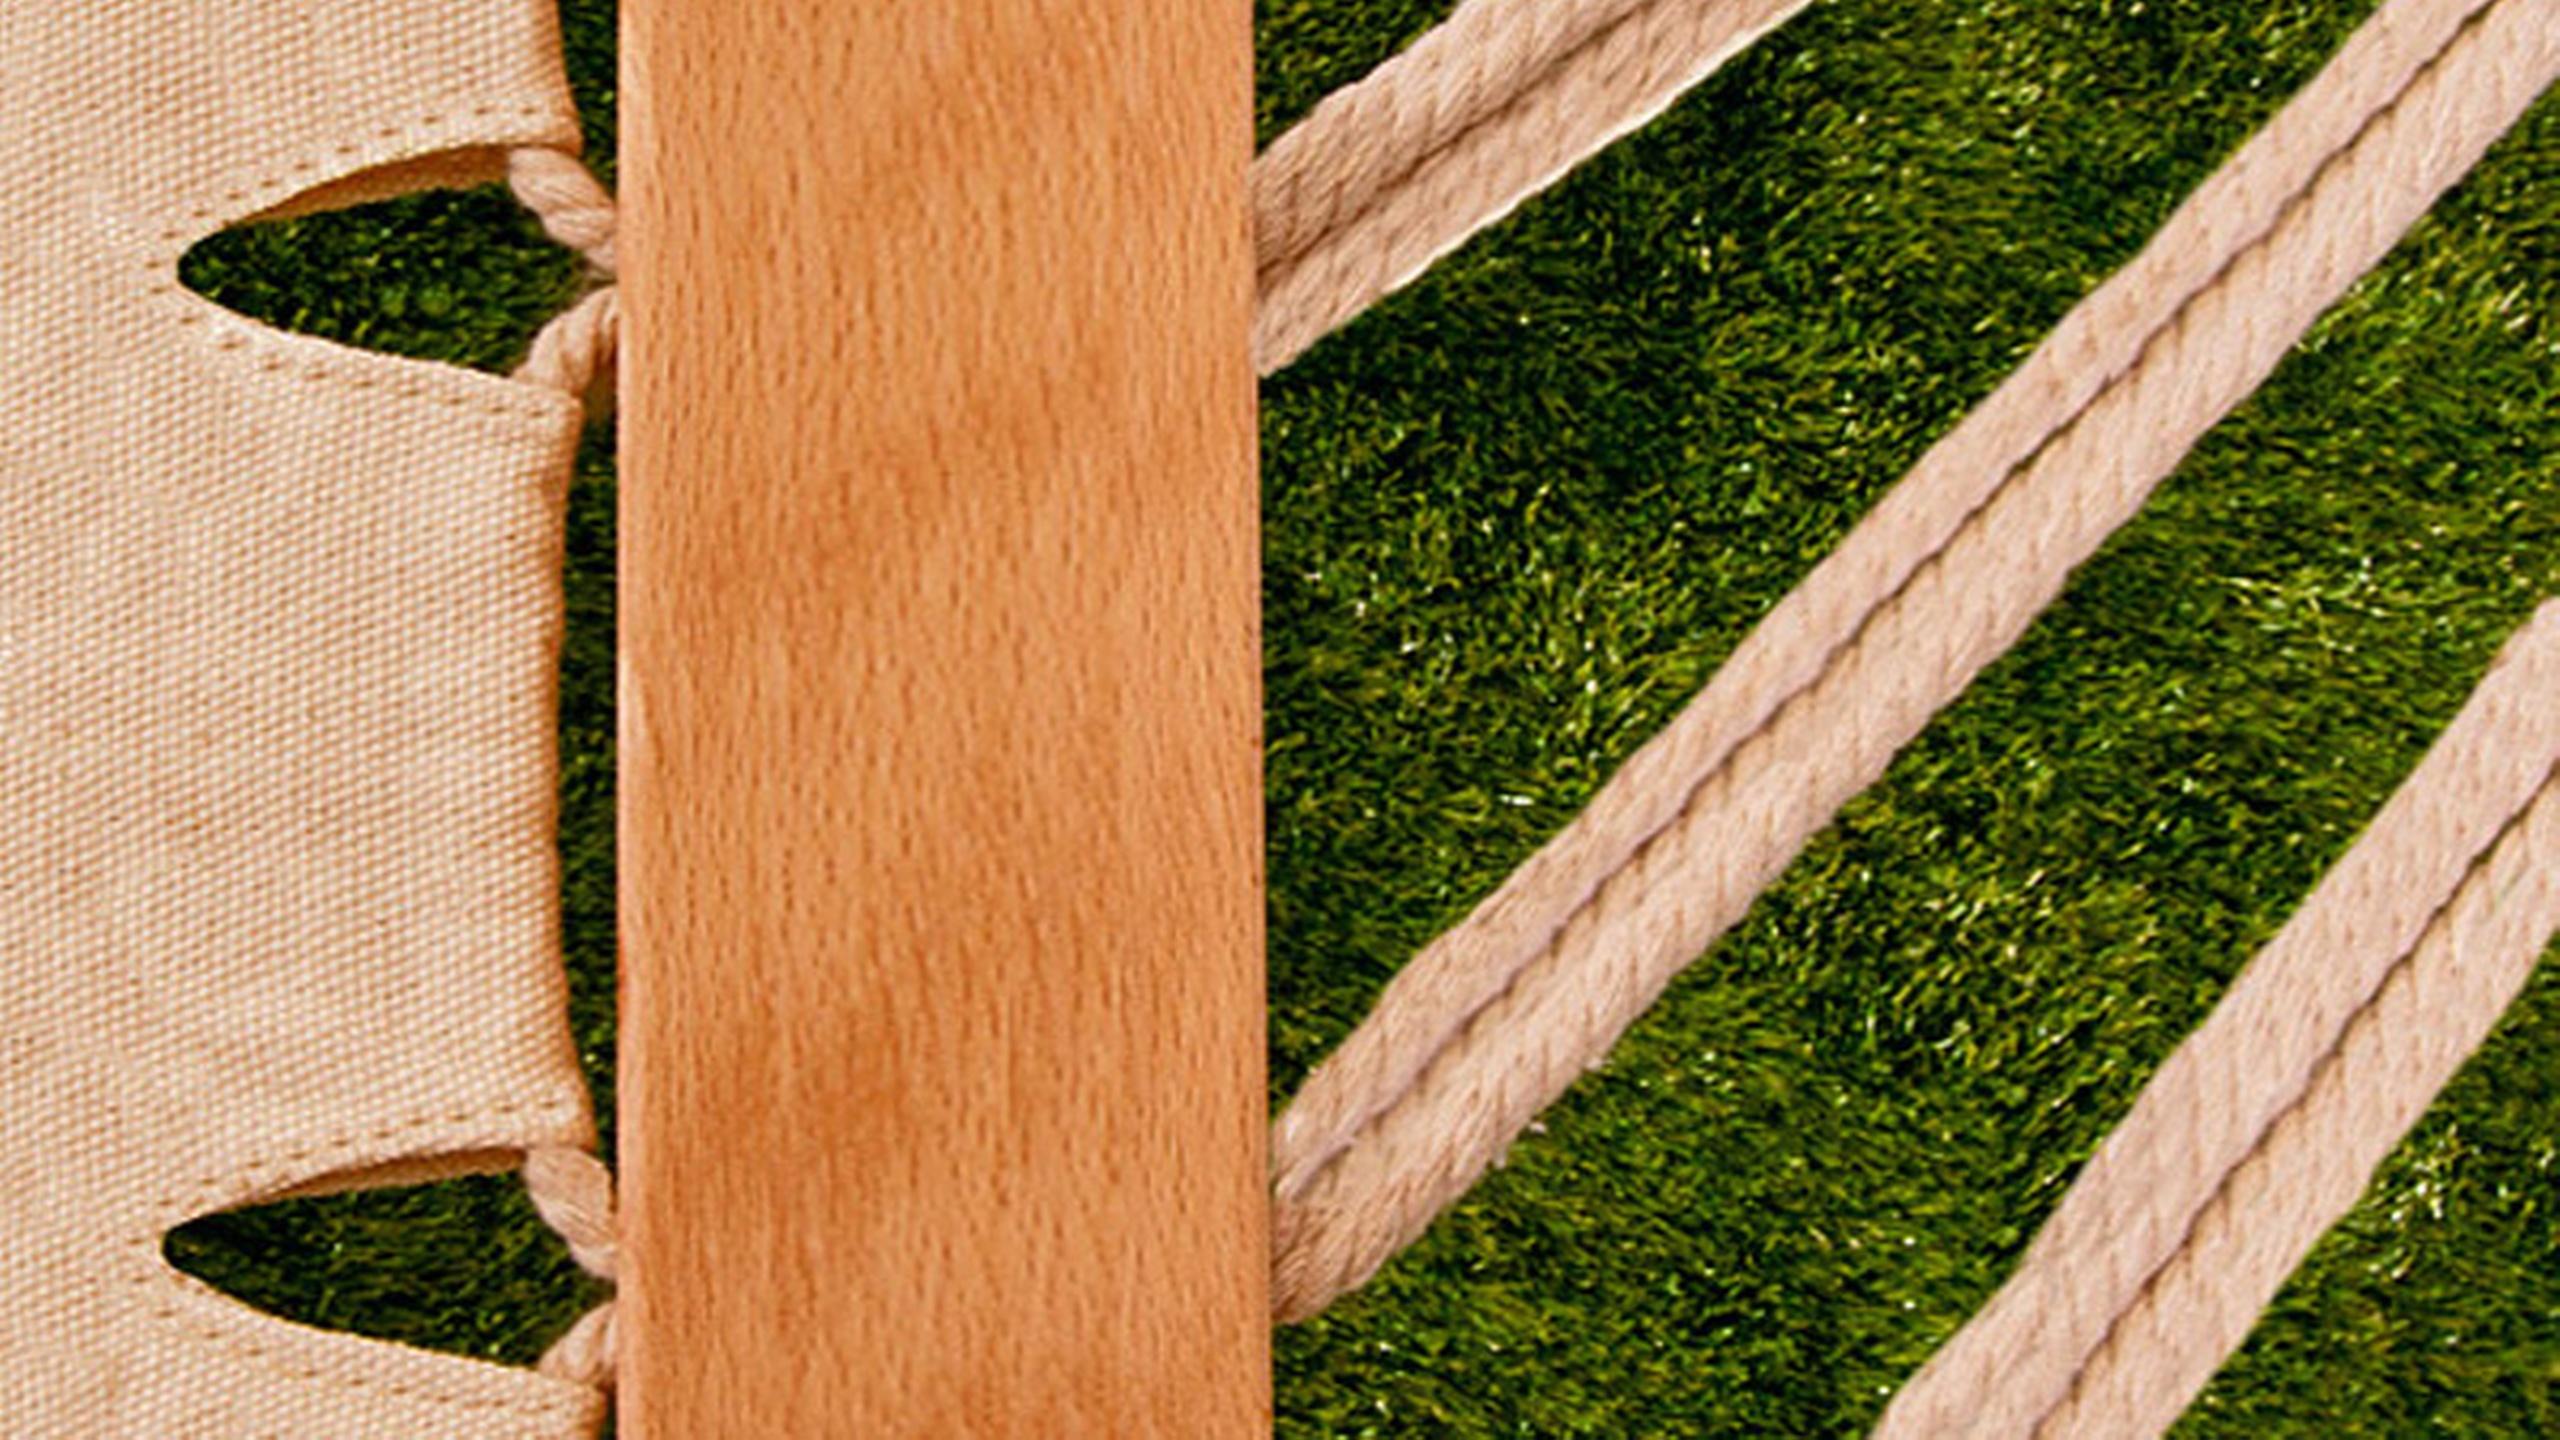 Design Hangmat Xxl.Design Hangmat Xxl Voor 179 90 Gratis Bezorgd 40 Korting